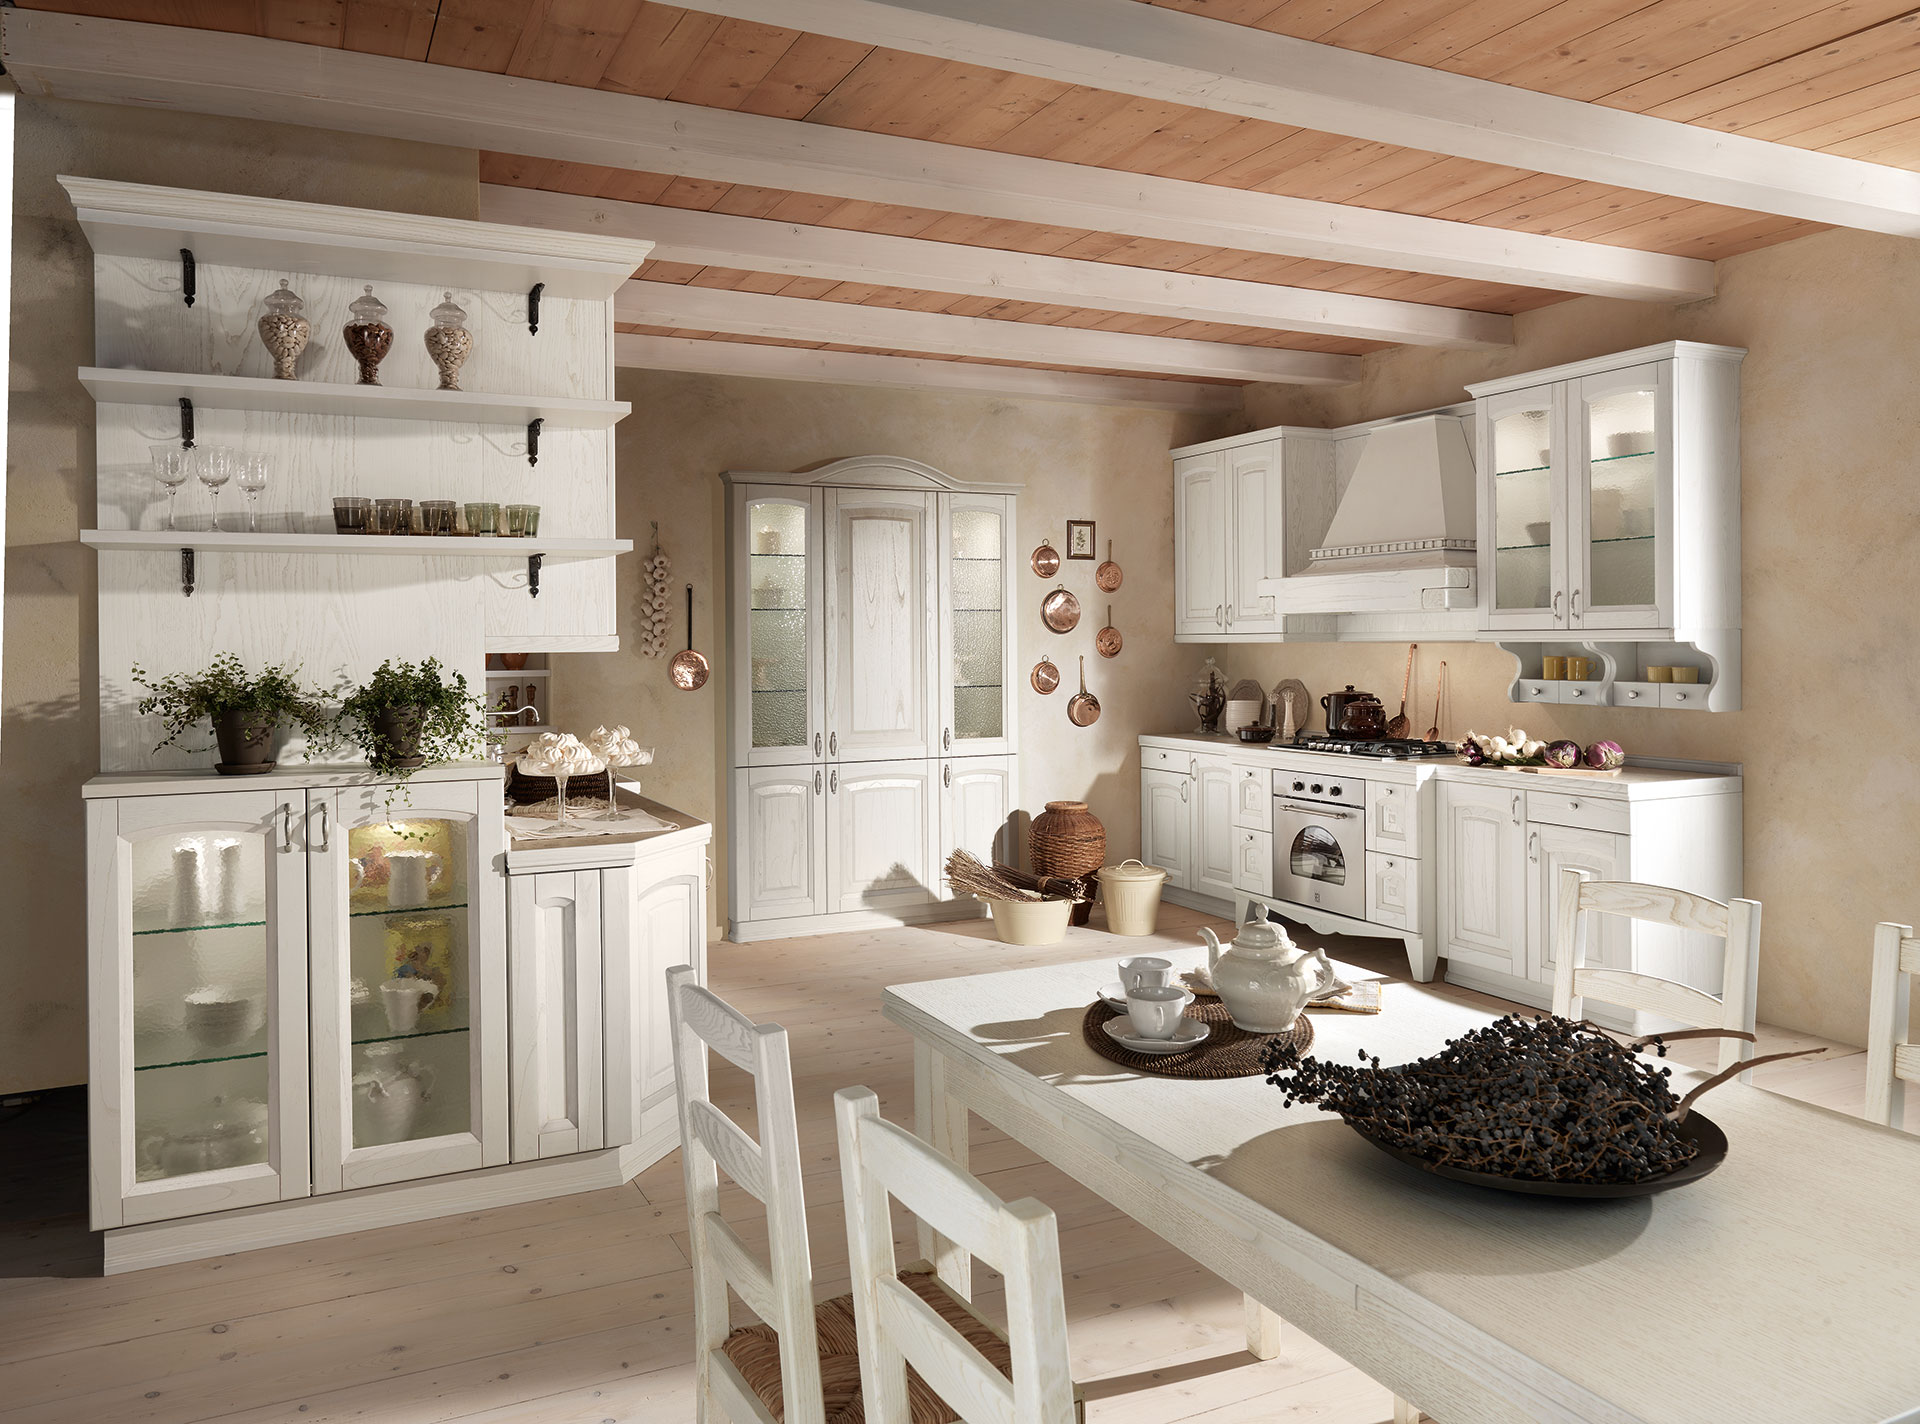 Cucine classiche cucine classiche rustiche in finta - Cucine classiche immagini ...